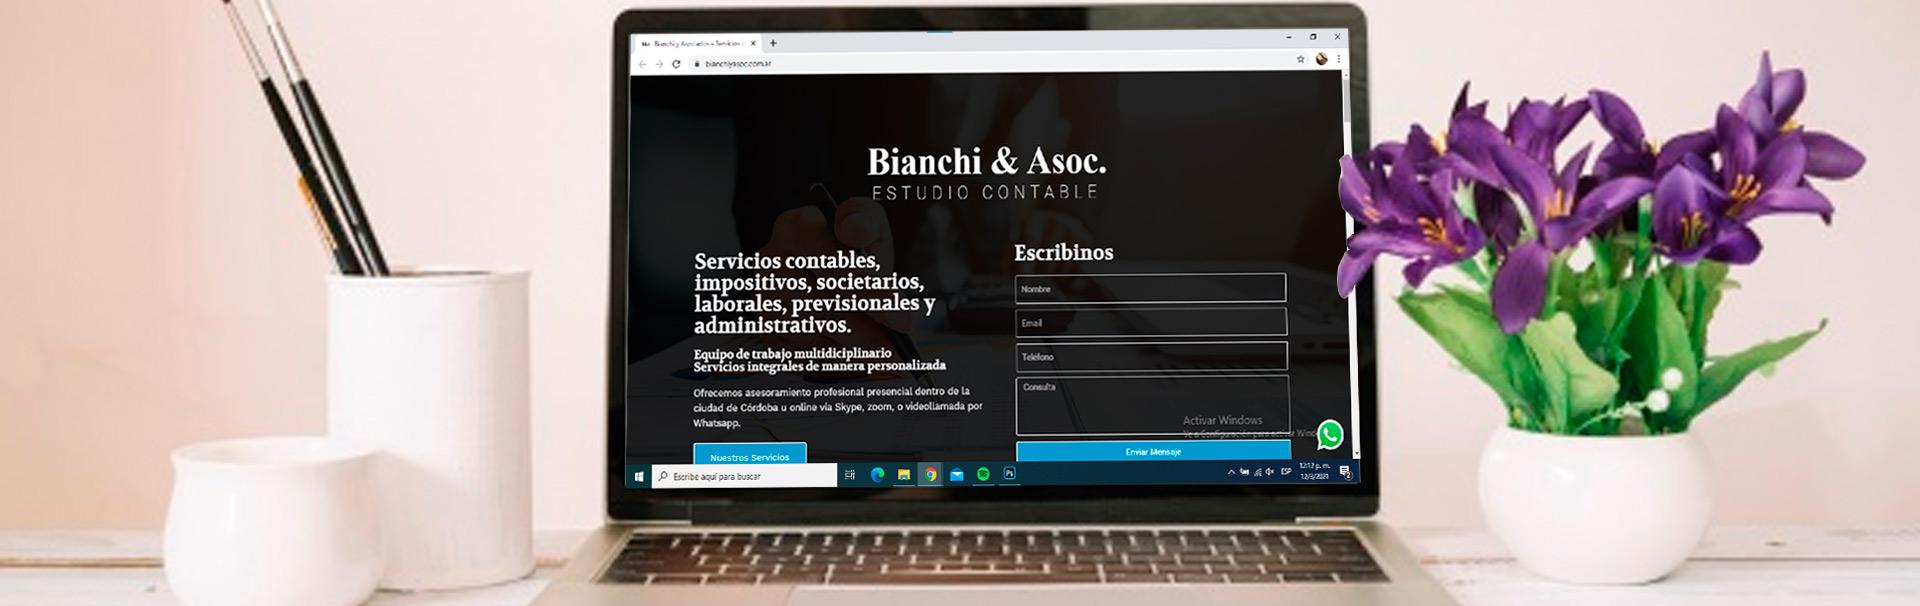 Bianchi & Asoc estudio contable